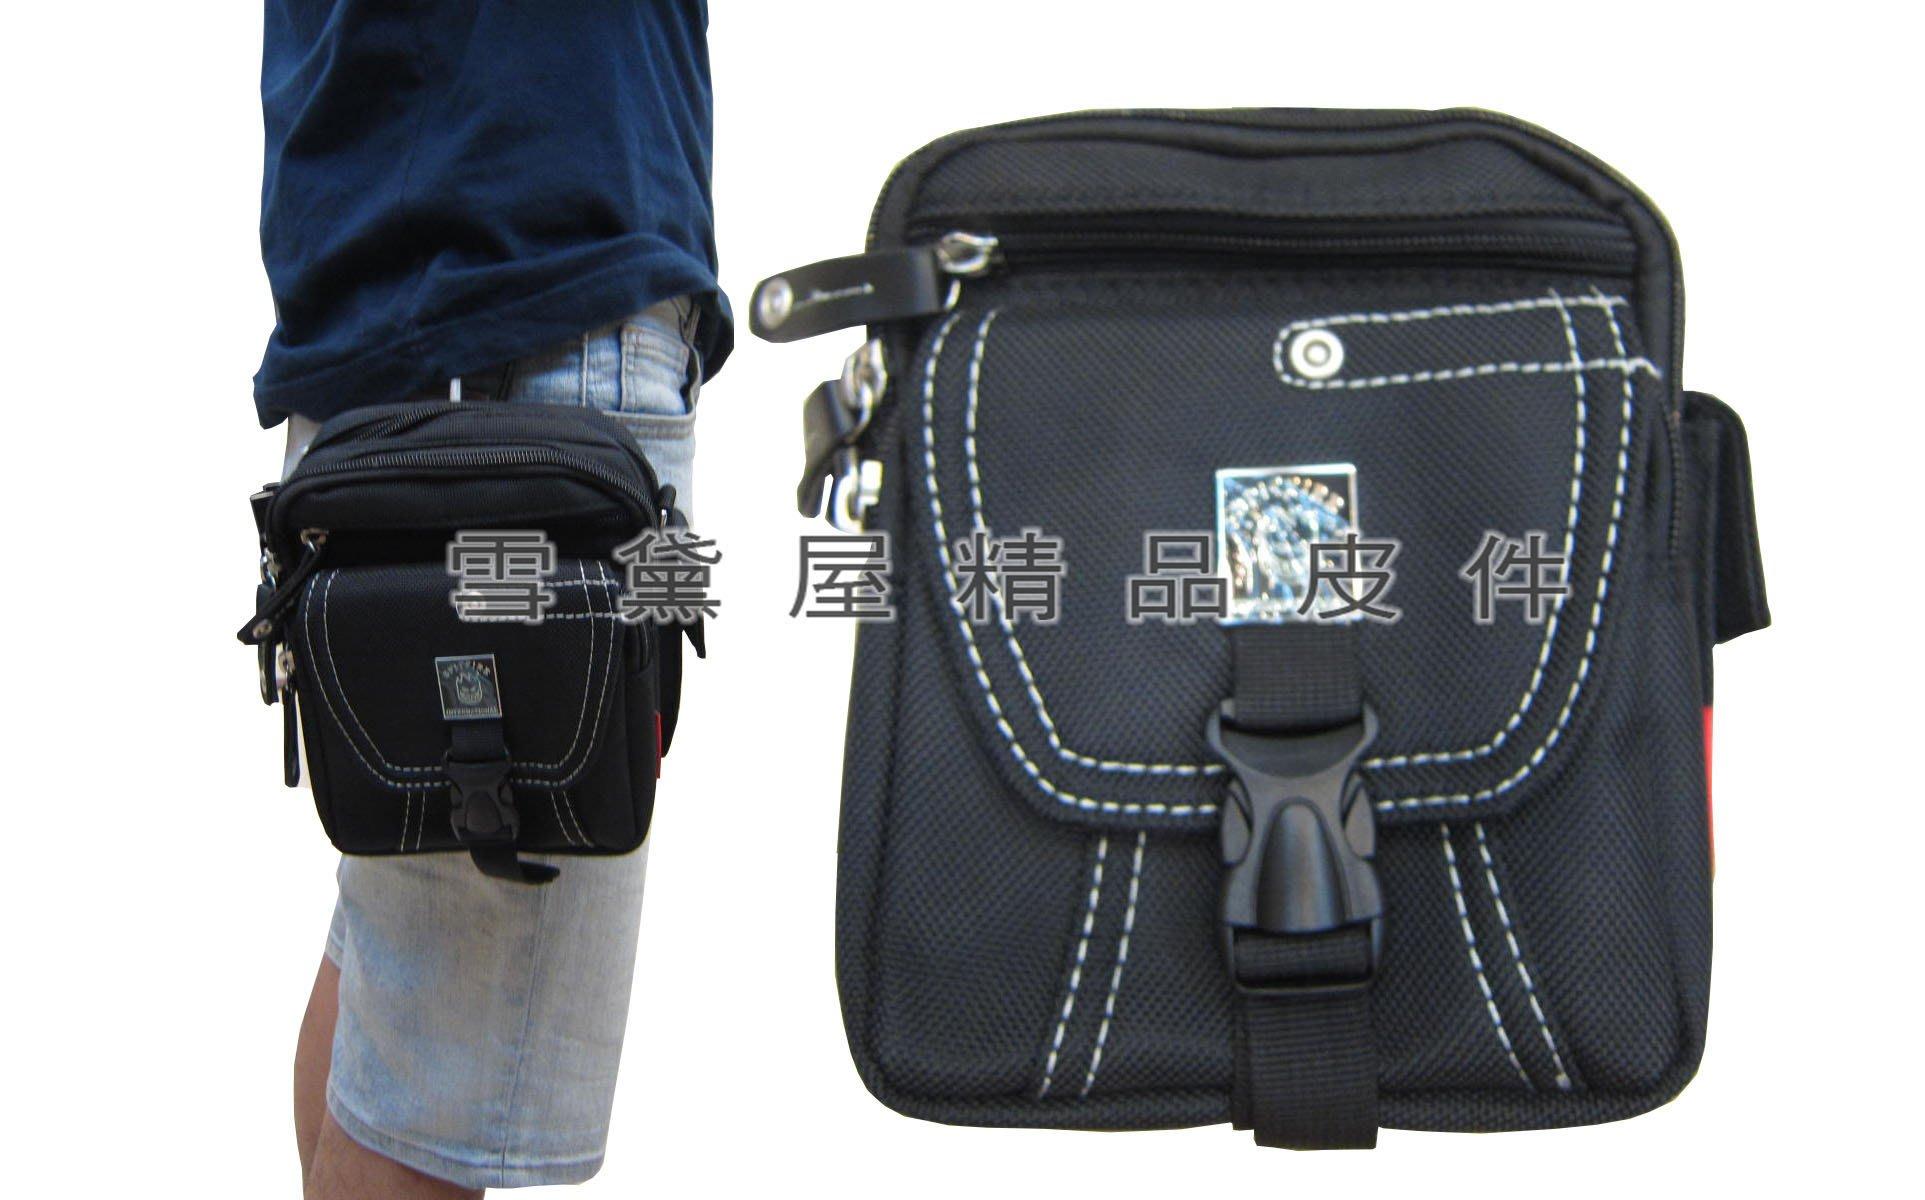 ~雪黛屋~SPITFIRE 腰包中容量外掛式腰包三用功能防水尼龍布+皮革材質可外掛可腰包斜側包工具包Q2261